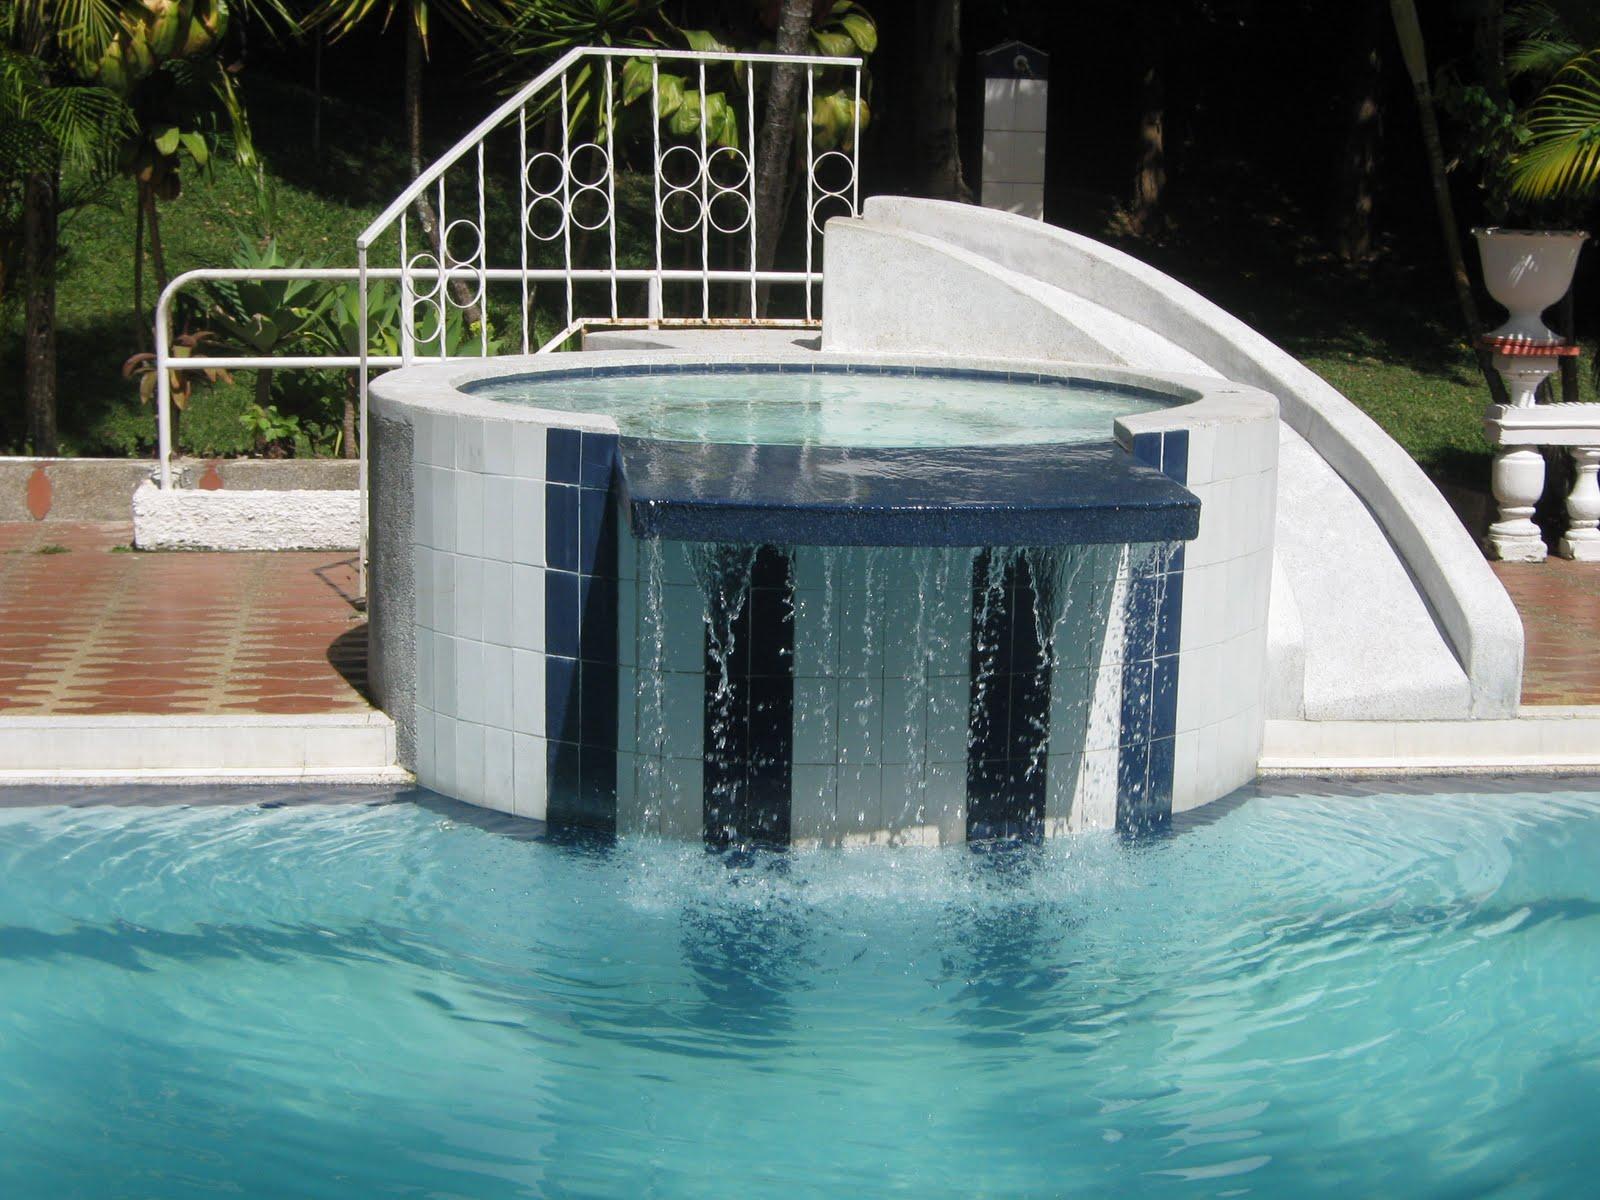 Zwembadenonderhoud modelos de piscinas for Modelos de piscinas de material